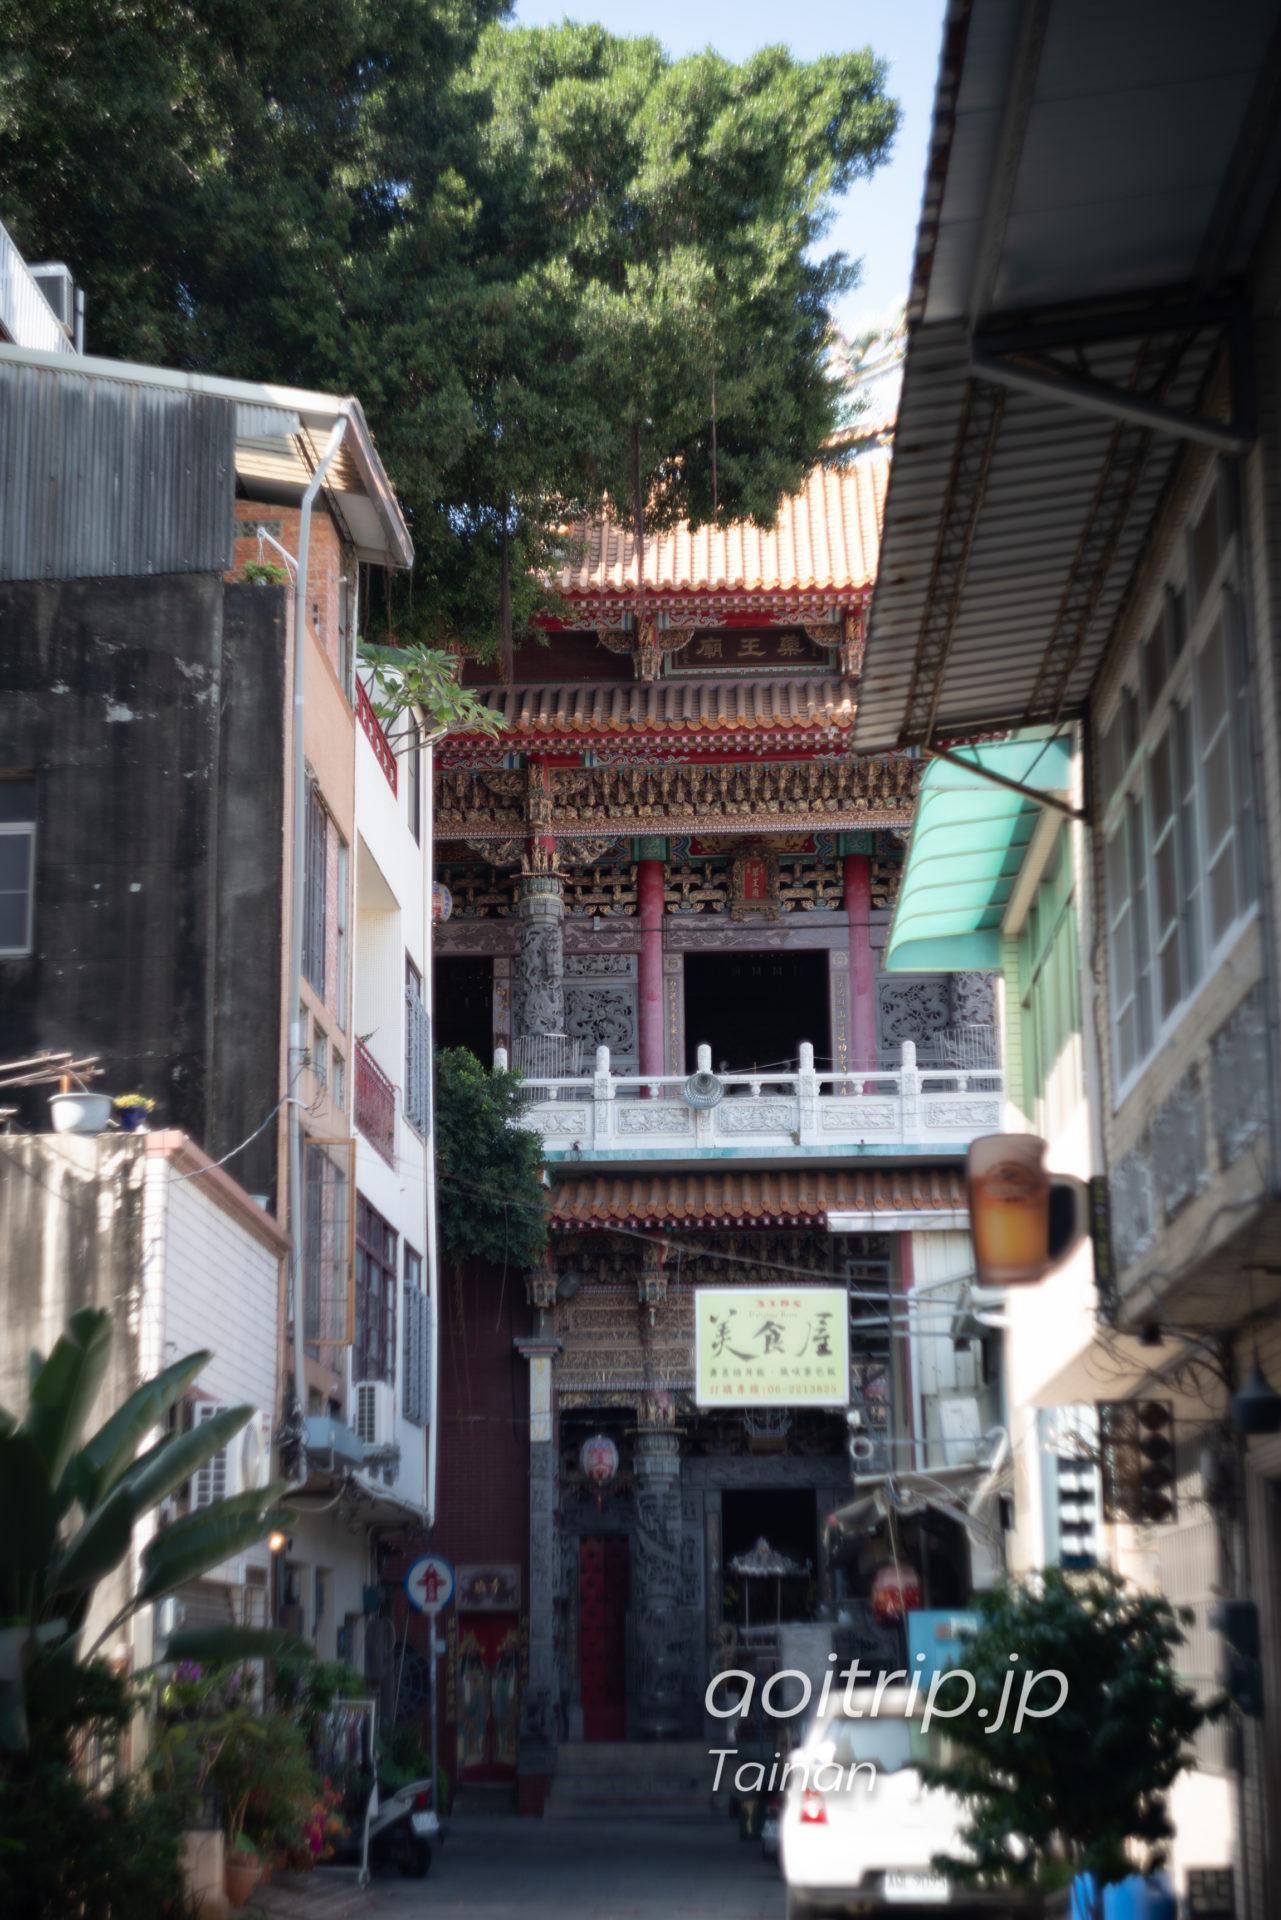 台南 神農街 薬王廟とガジュマルの樹木